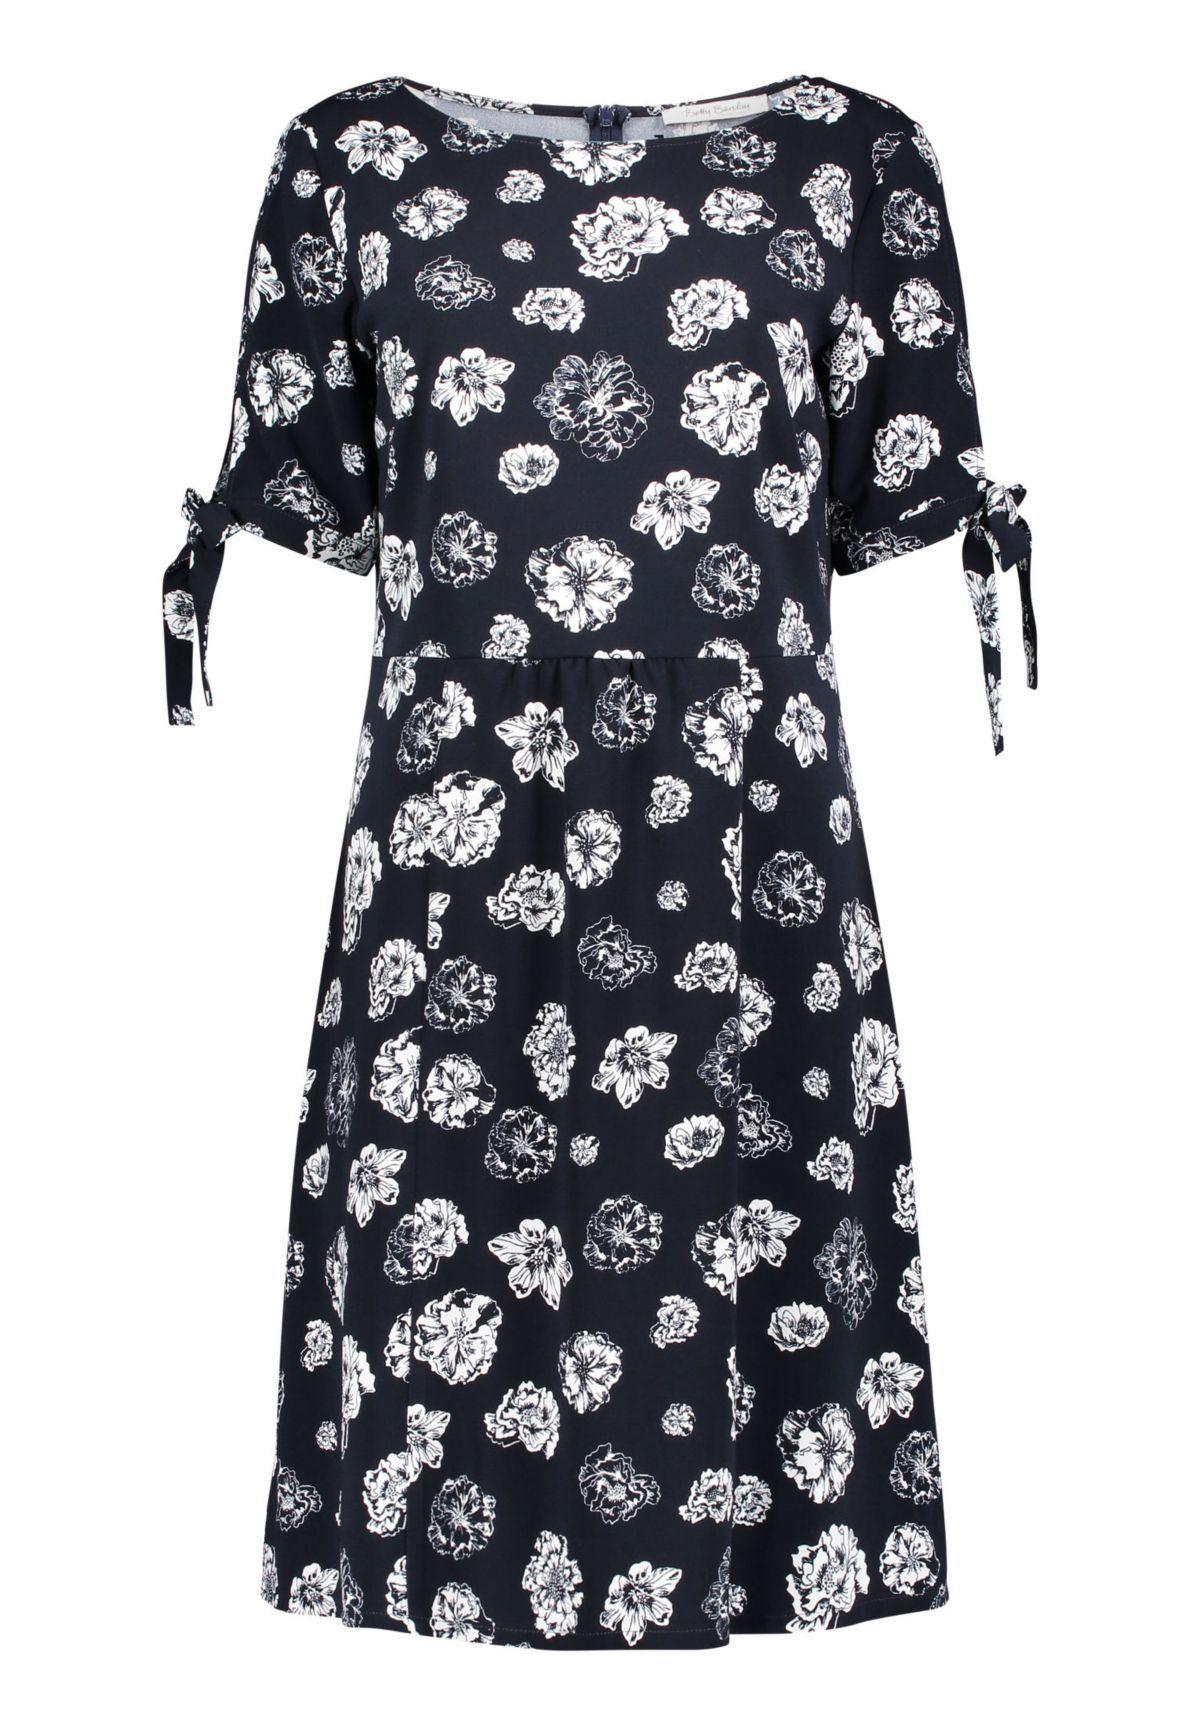 die beste Einstellung großer Rabattverkauf großer Verkauf Betty Barclay Kleid mit floralem Druck | Kleider | Kleider ...